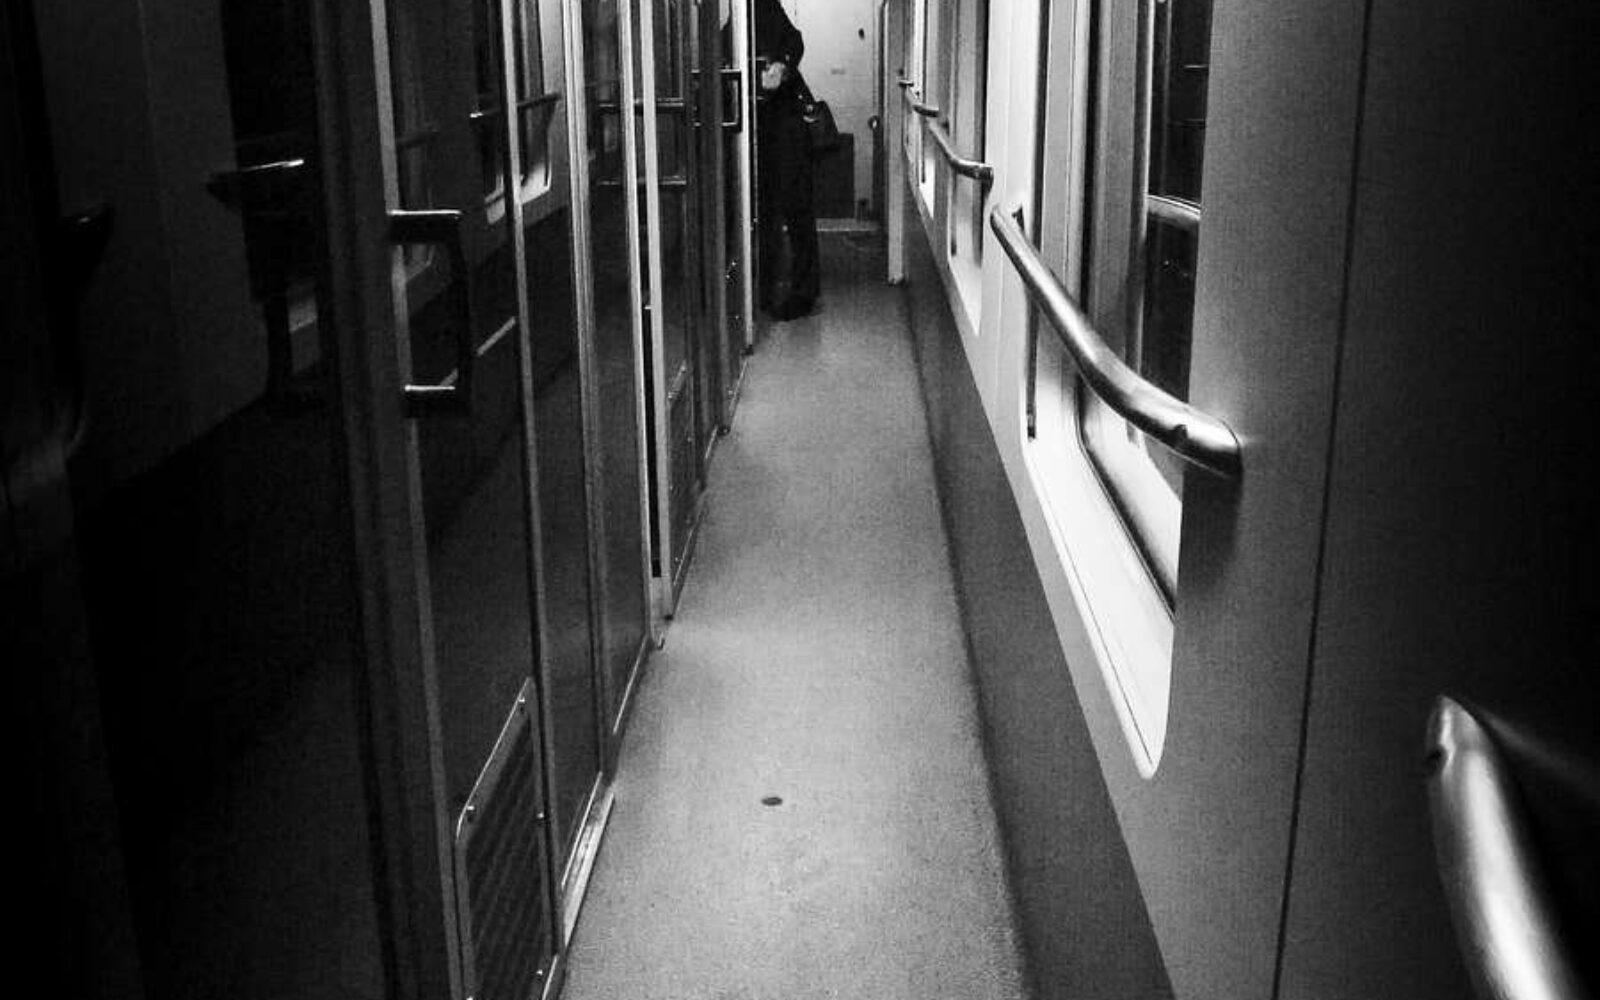 Train escape